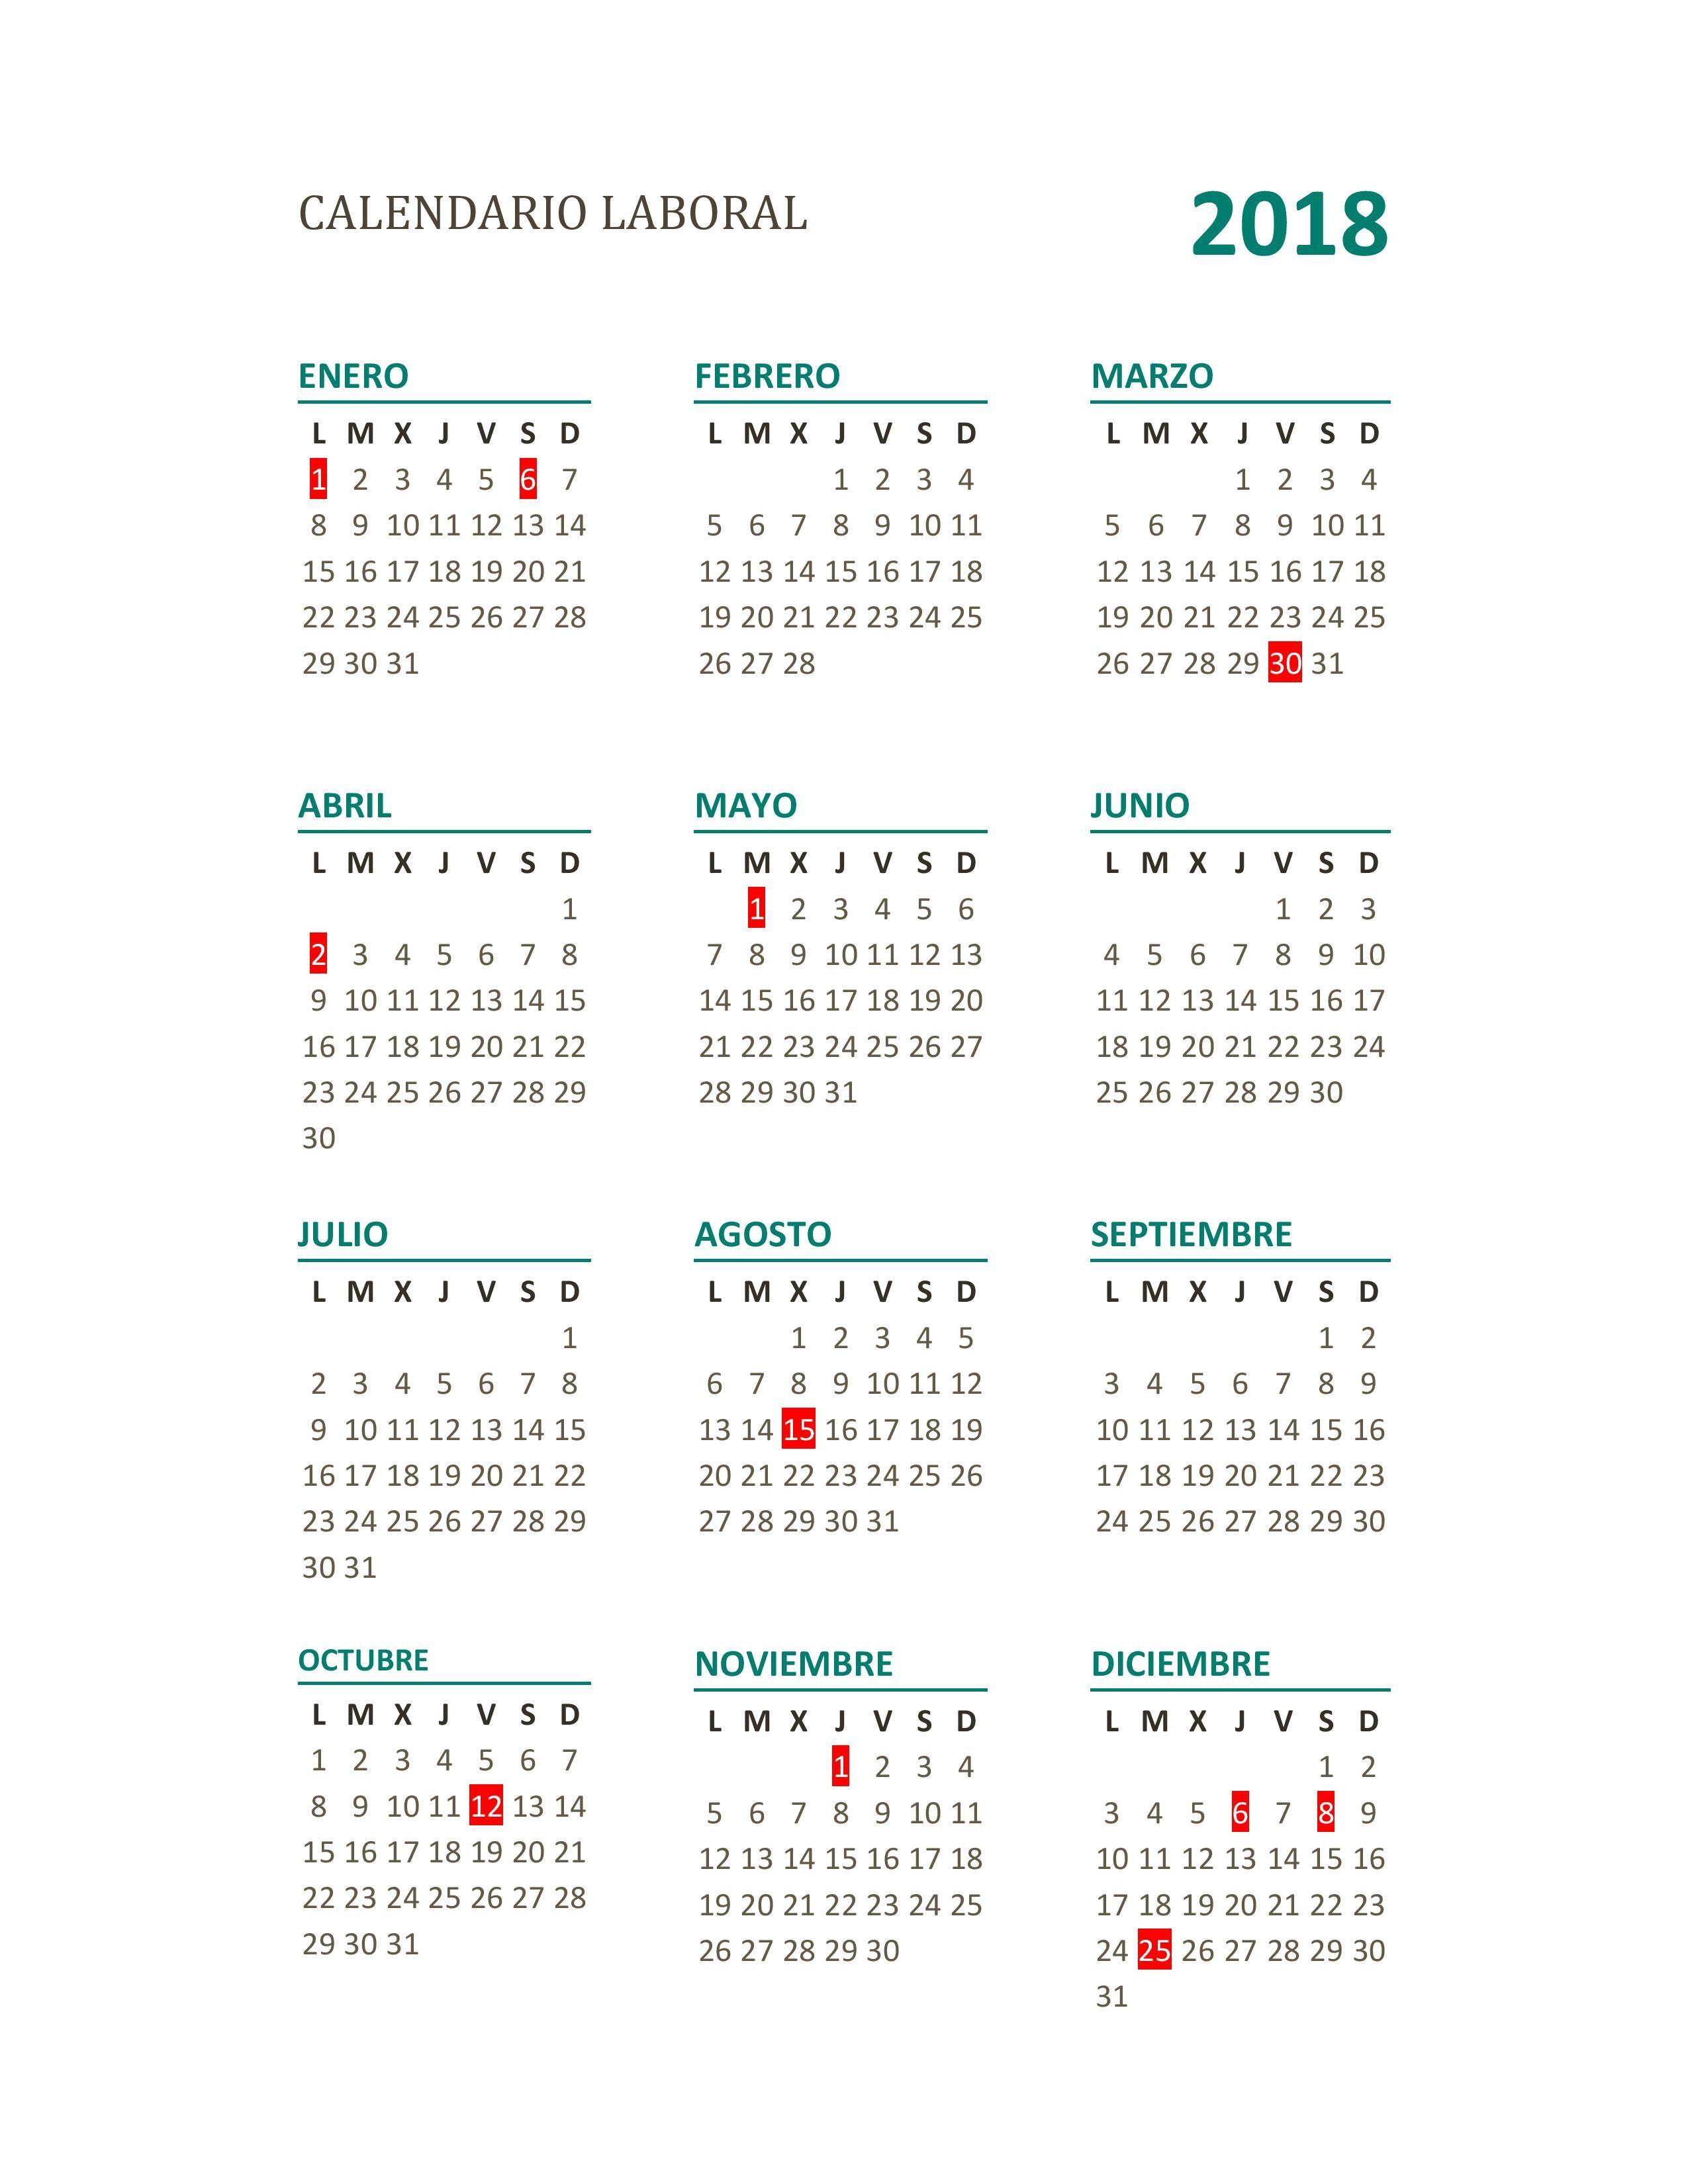 Calendario Febrero 2019 Argentina Imprimir Actual Calendario Laboral 2018 Más De 200 Plantillas Para Imprimir Y Descargar Of Calendario Febrero 2019 Argentina Imprimir Más Reciente Calendario Fiscal Enero 2016 Calendario Fiscal Febrero 2016 En Cada